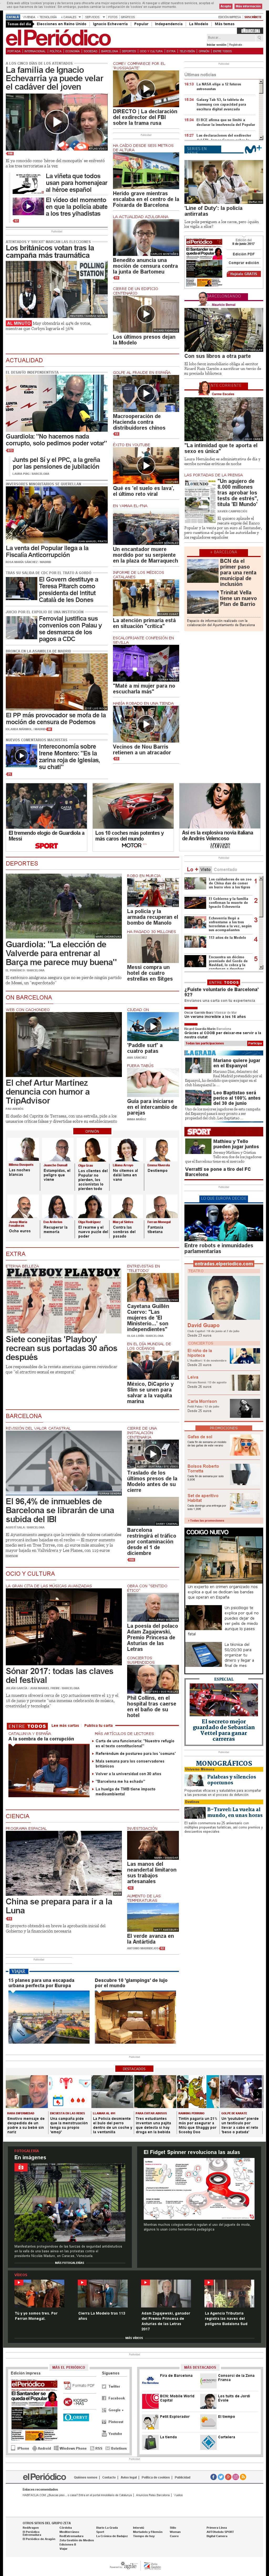 El Periodico at Thursday June 8, 2017, 2:28 p.m. UTC